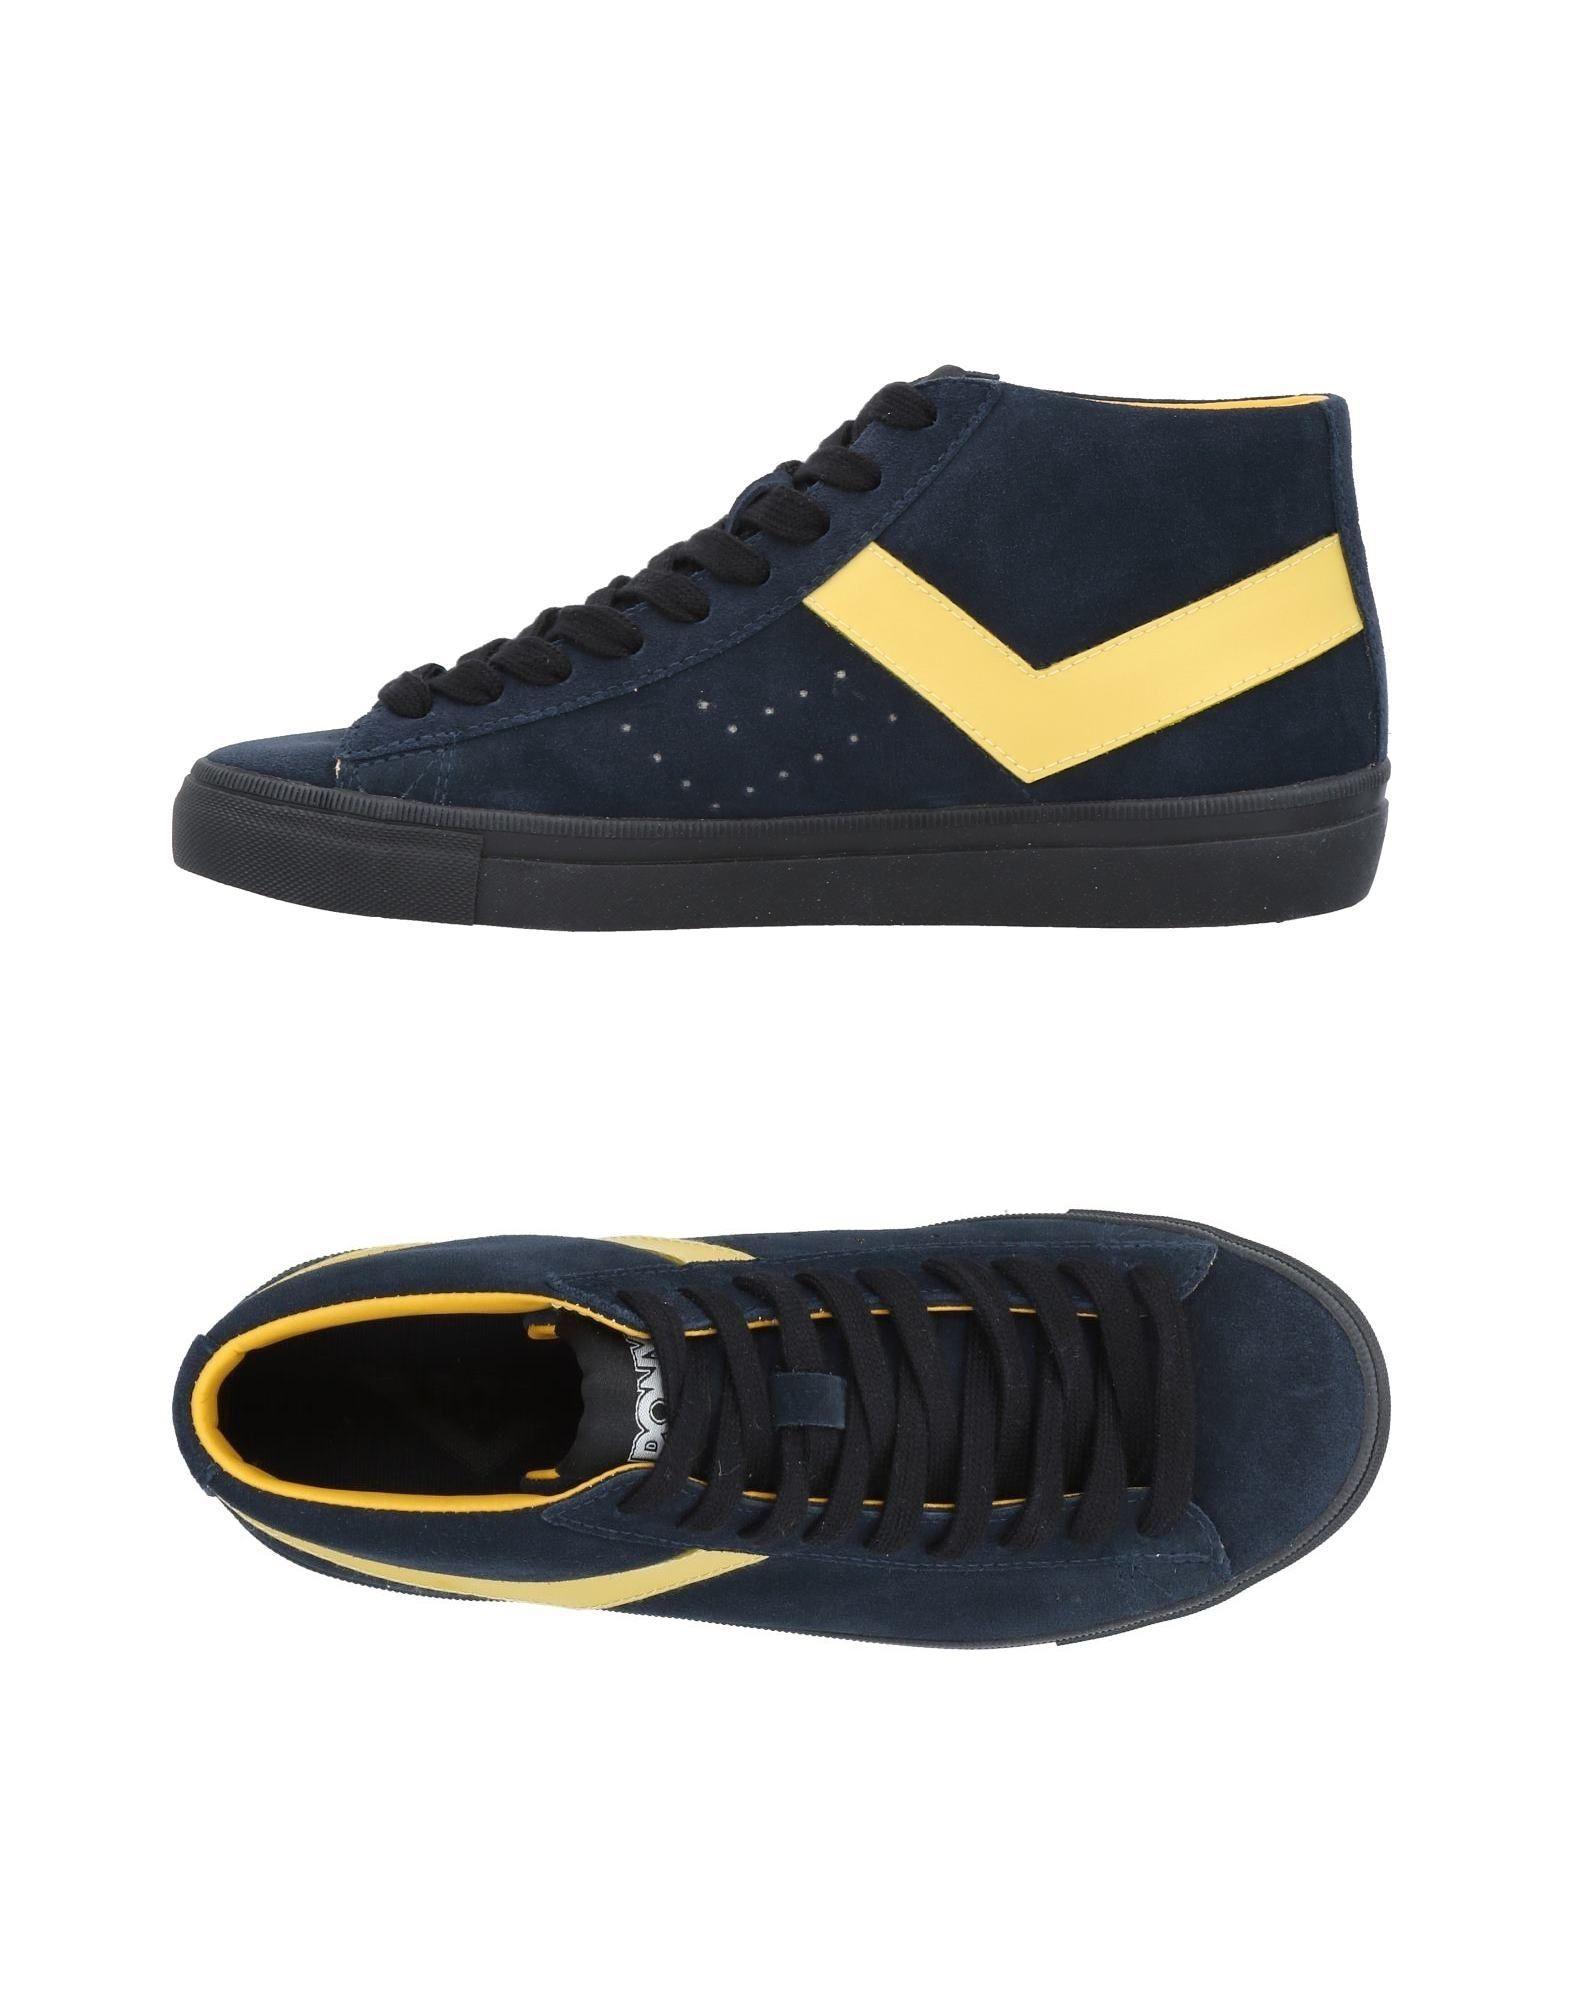 Baskets Pony Femme - Baskets Pony Bleu foncé Nouvelles chaussures pour hommes et femmes, remise limitée dans le temps